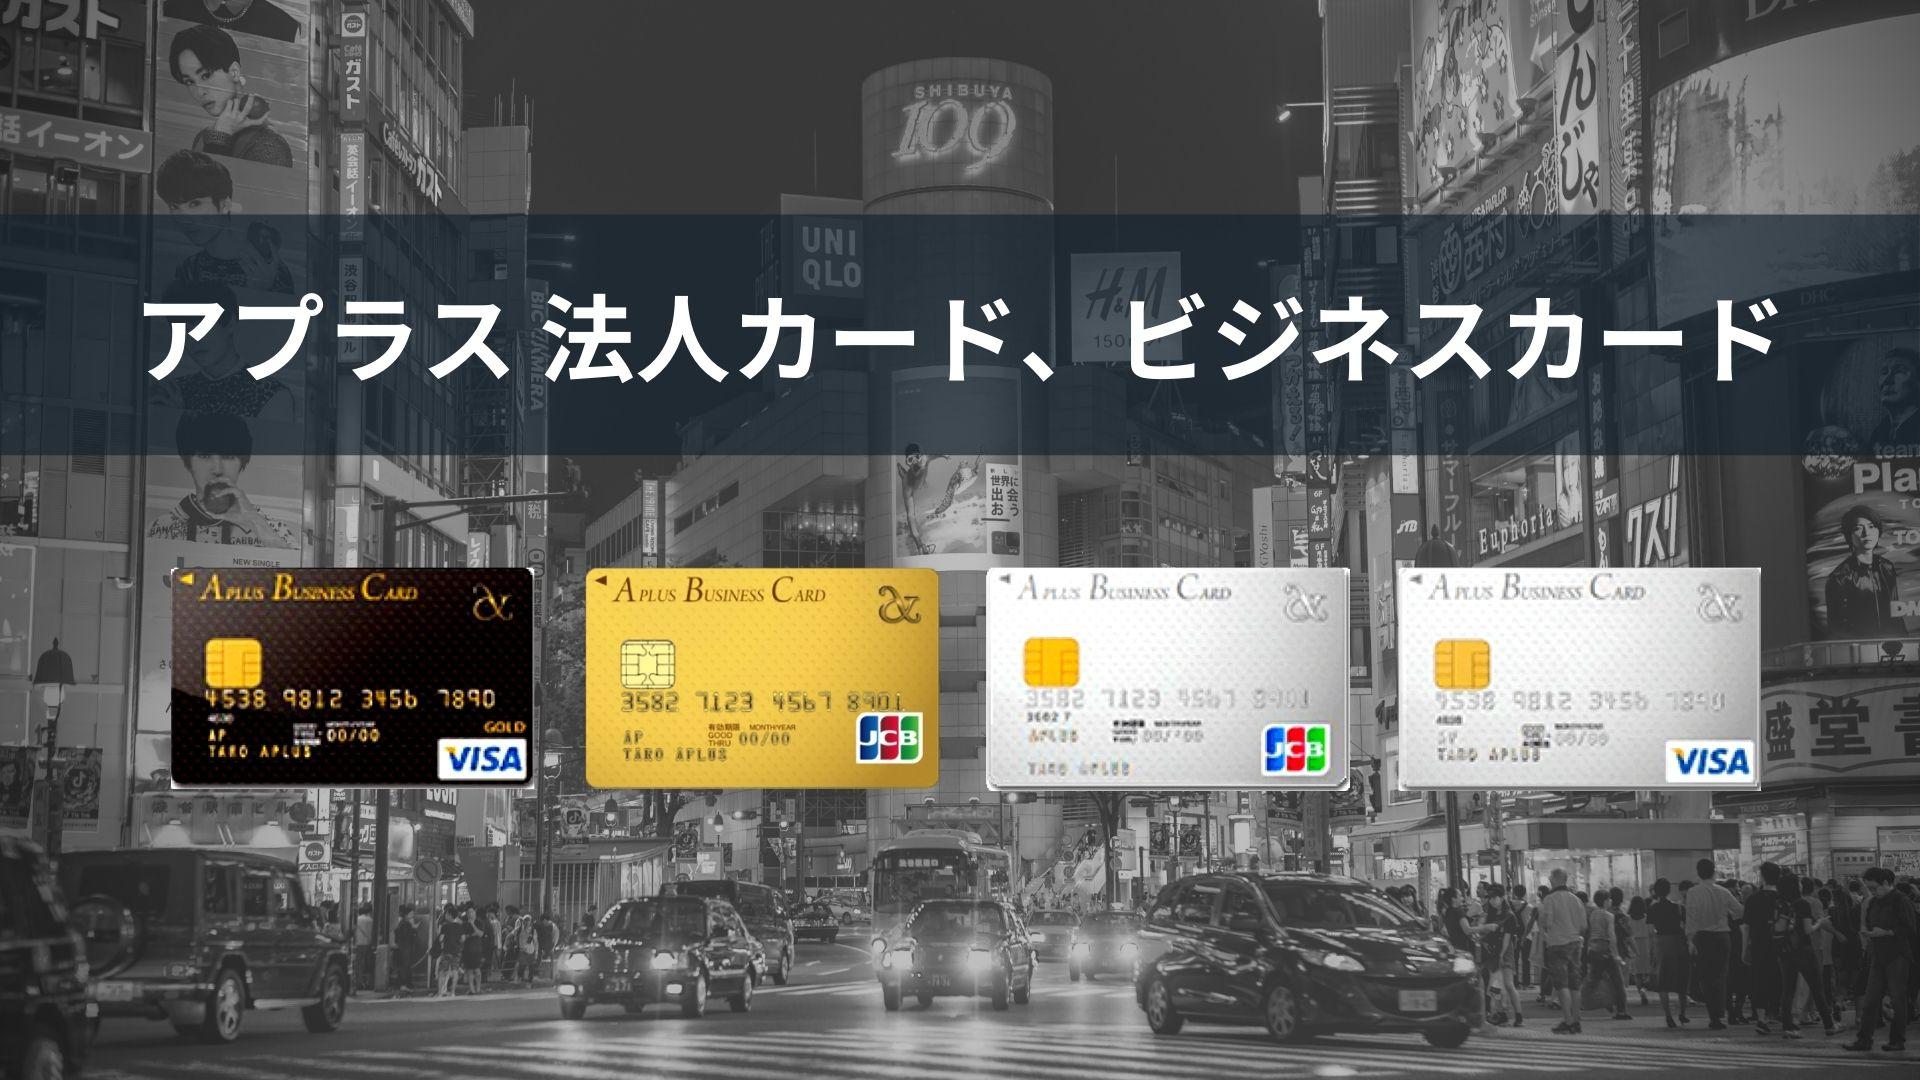 アプラス 法人カード、ビジネスカード